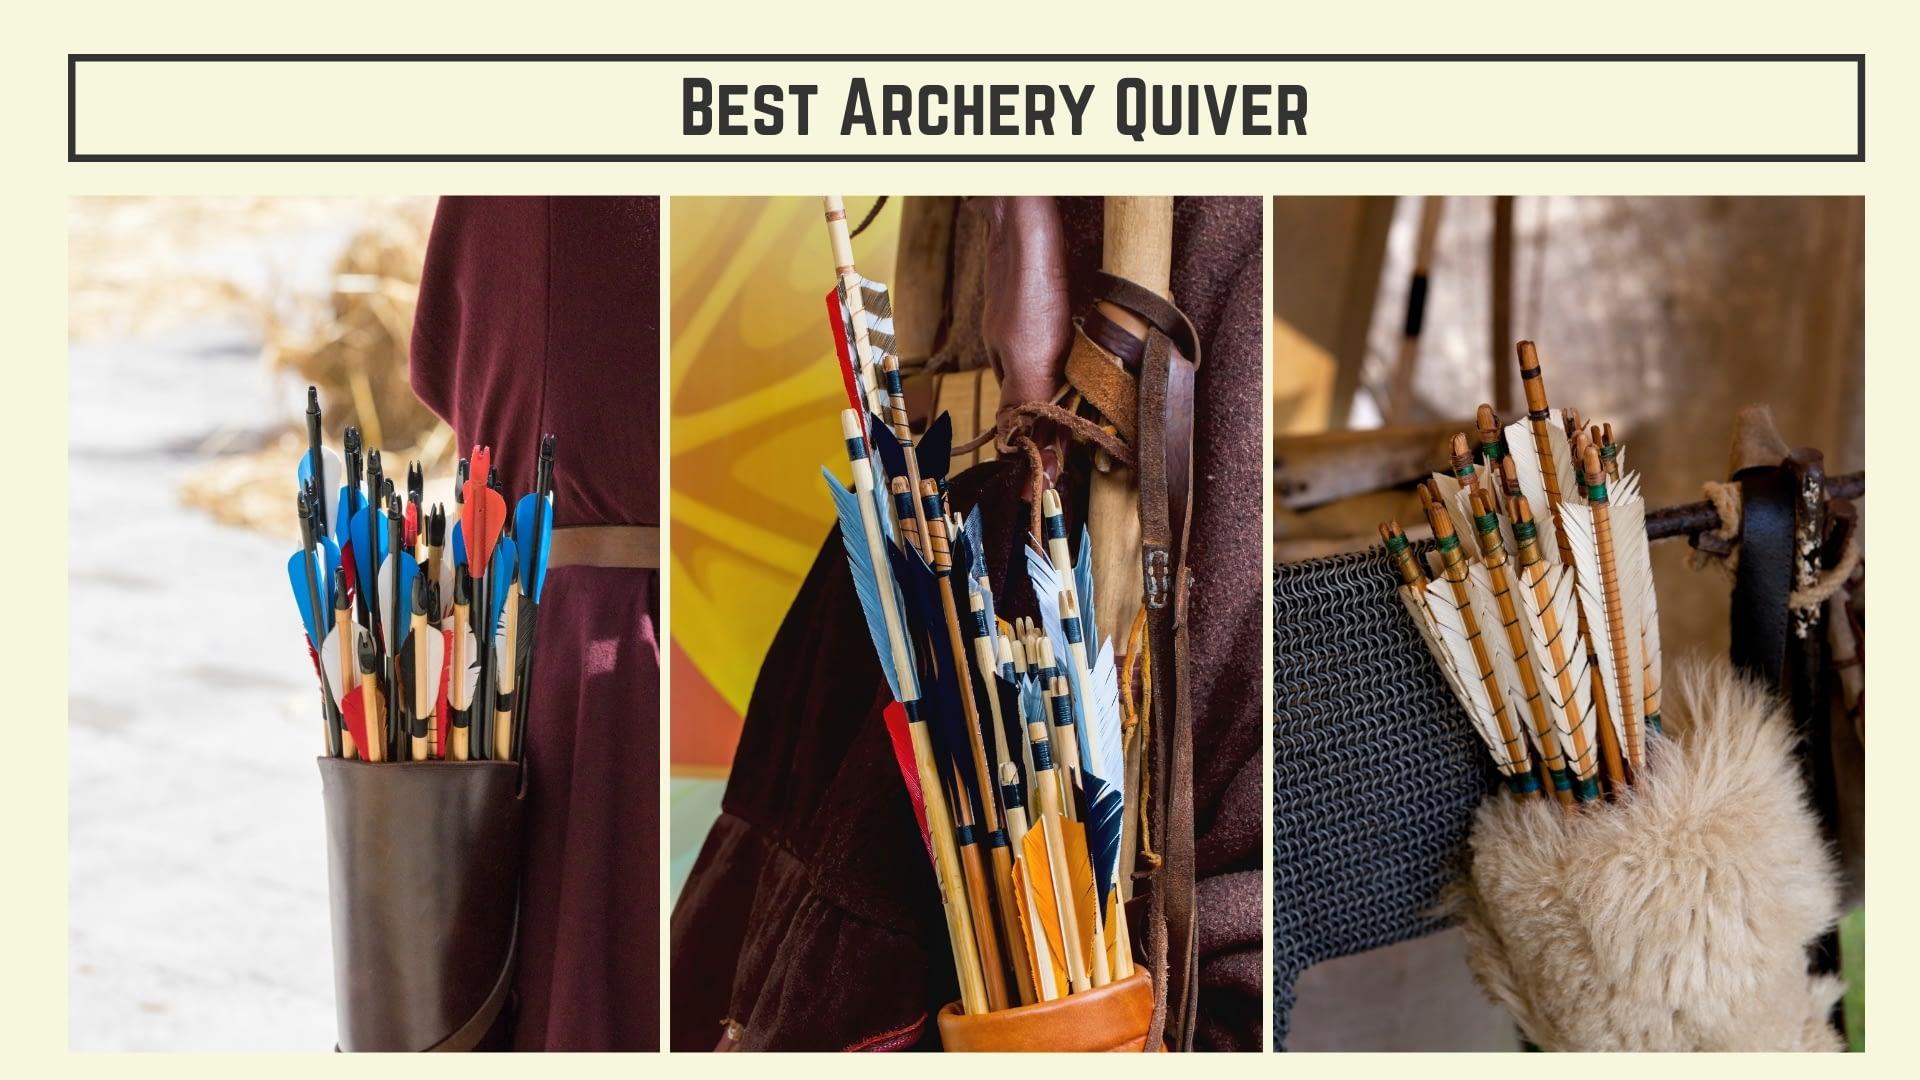 Best Archery Quiver